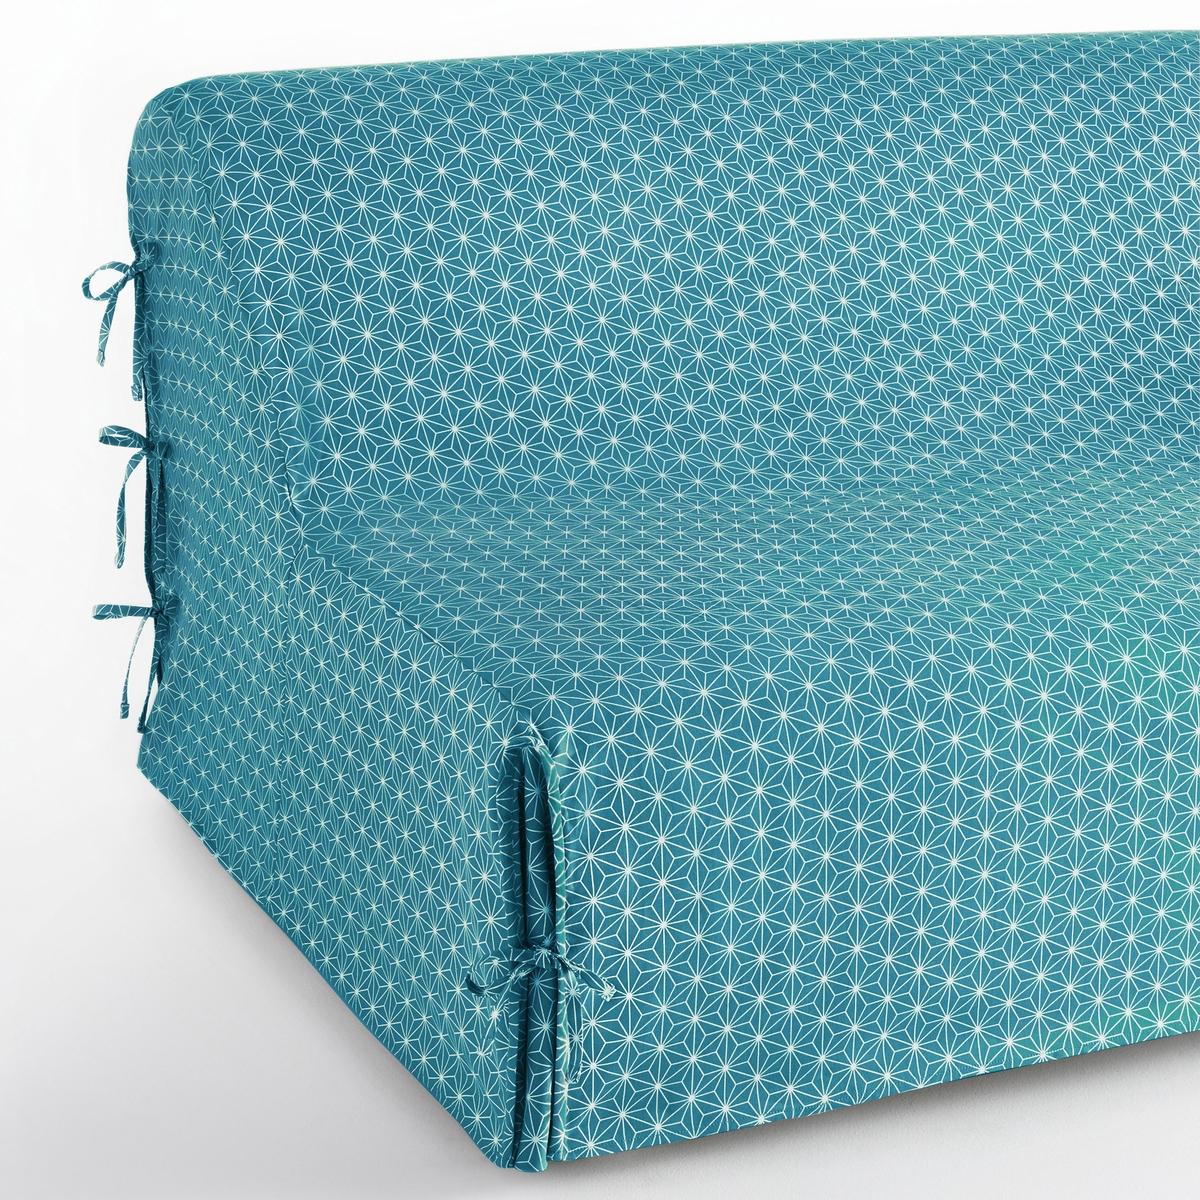 Чехол на раскладной диван с рисунком, LozangeХарактеристики чехла :Материал : брезентовая ткань, 100% хлопок Отделка : крепление на узелкиУход : Машинная стирка при 40 °С. Водоотталкивающая пропитка и против пятен. Размеры чехла :Имеется в 2 размерах по ширине : 140 и 160 см.Уход :Следуйте рекомендациям по уходу, указанным на этикетке изделия. Знак Oeko-Tex® гарантирует, что товары прошли проверку и были изготовлены без применения вредных для здоровья человека веществ.<br><br>Цвет: желтый/ белый,серый/ белый,сине-зеленый/белый<br>Размер: 140 cm.160 cm